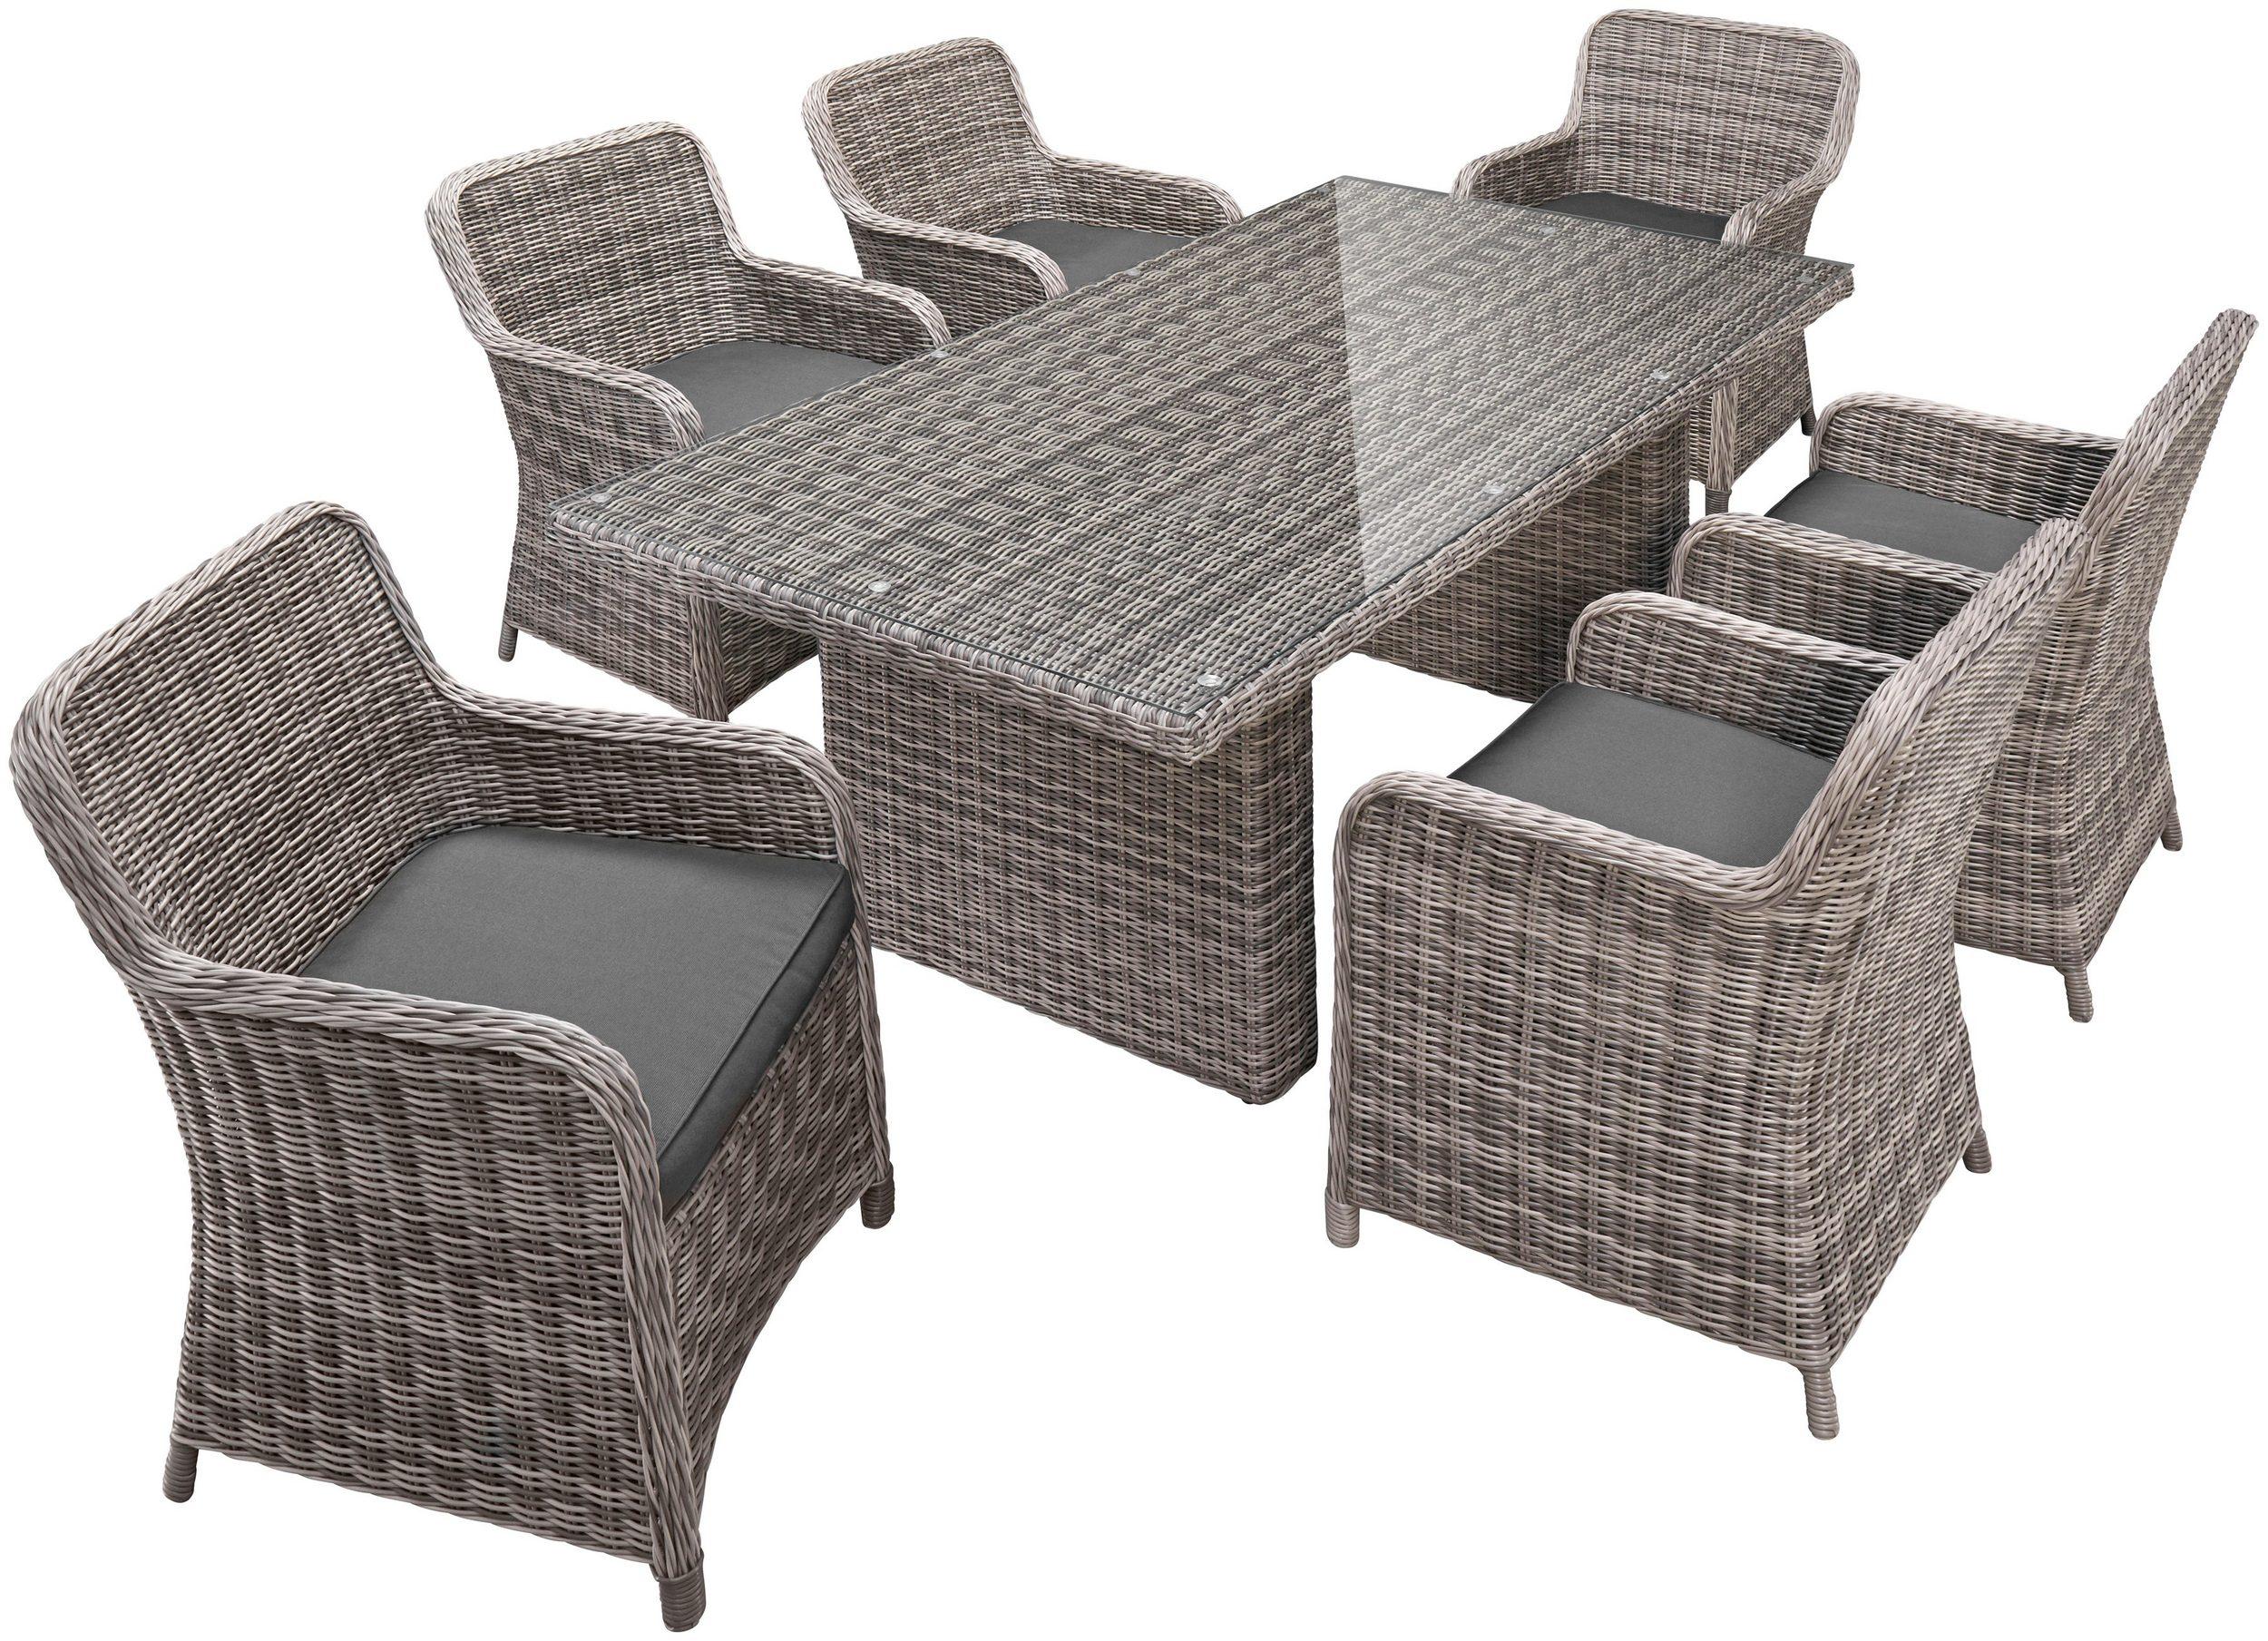 Gartengruppe Essgruppe Tisch 100x200 Stühle Polyrattan Auflagen 13tlg 7150075